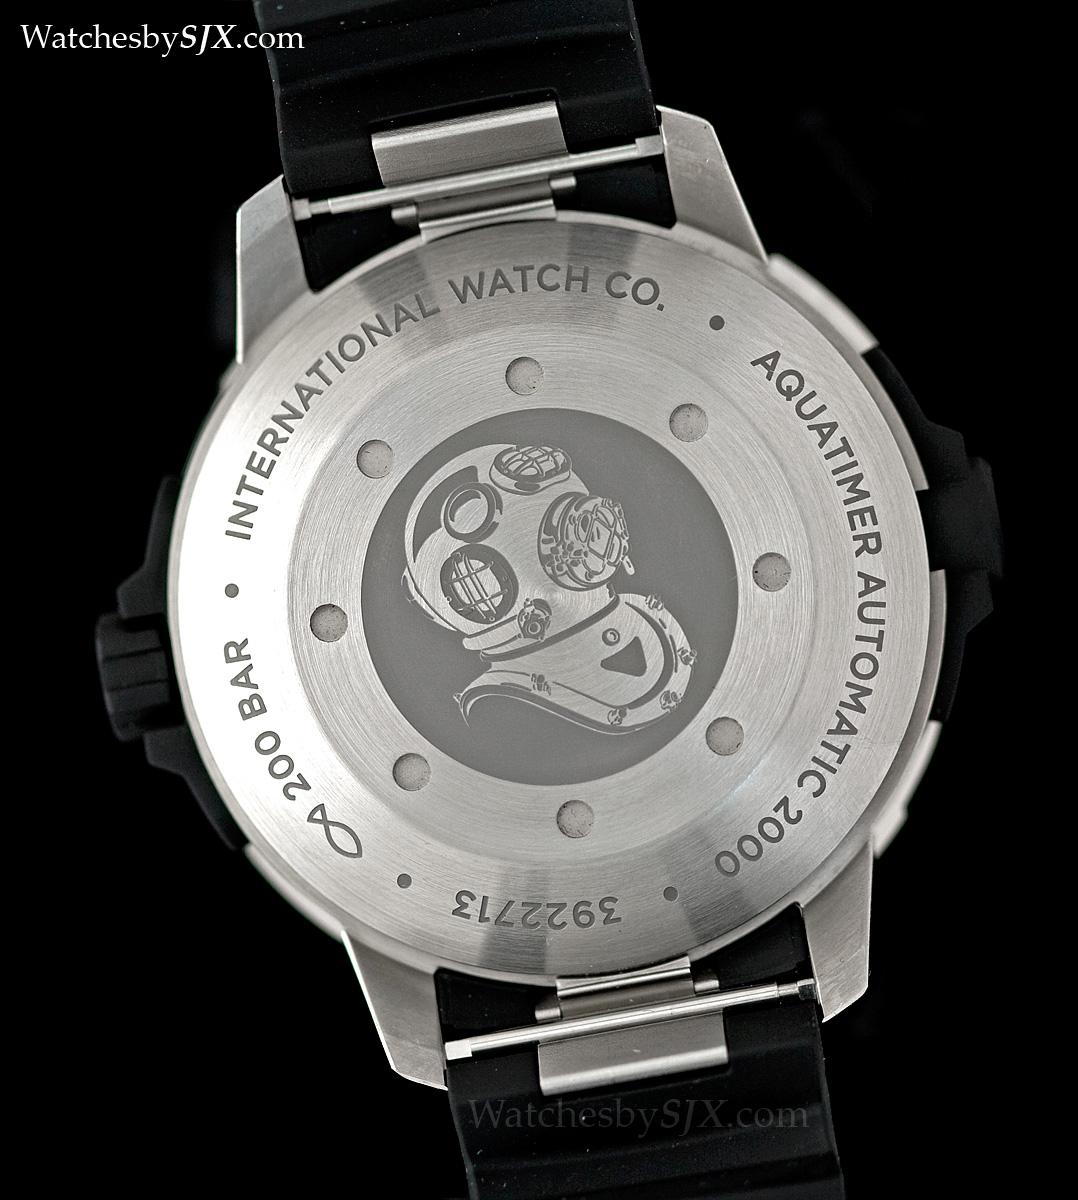 IWC-Aquatimer-Automatic-2000-Ref-3580-SIHH-2014-(12).jpg